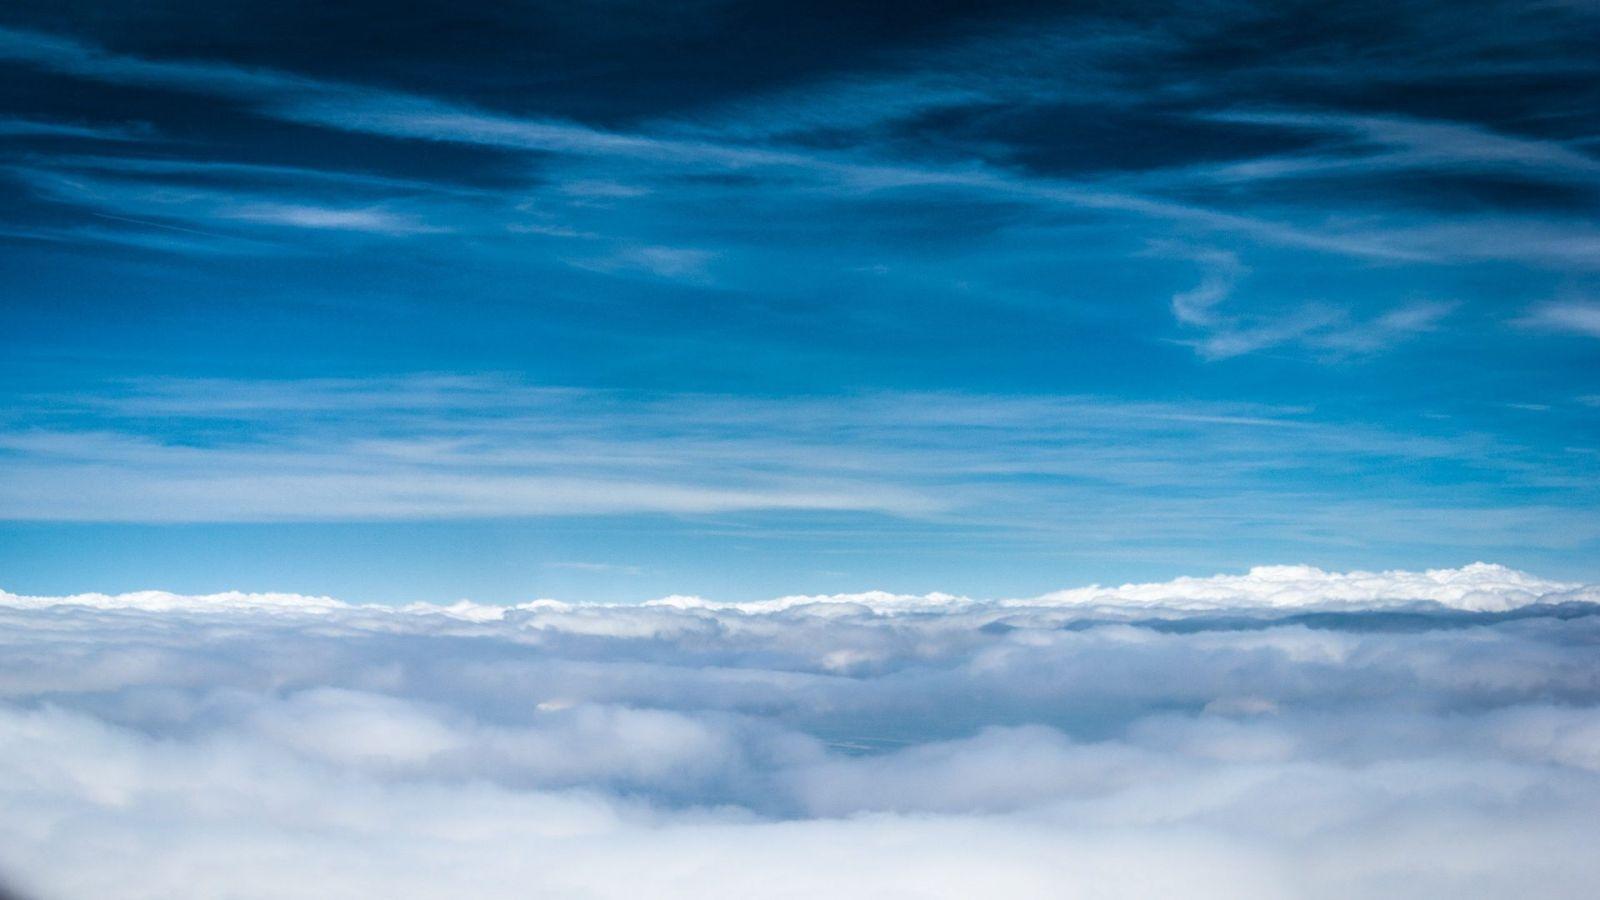 Такого не було з часів Другої світової: щоденні викиди вуглецю скоротилися на 17% - світ, повітря, Земля, вуглець - 21 vozduh